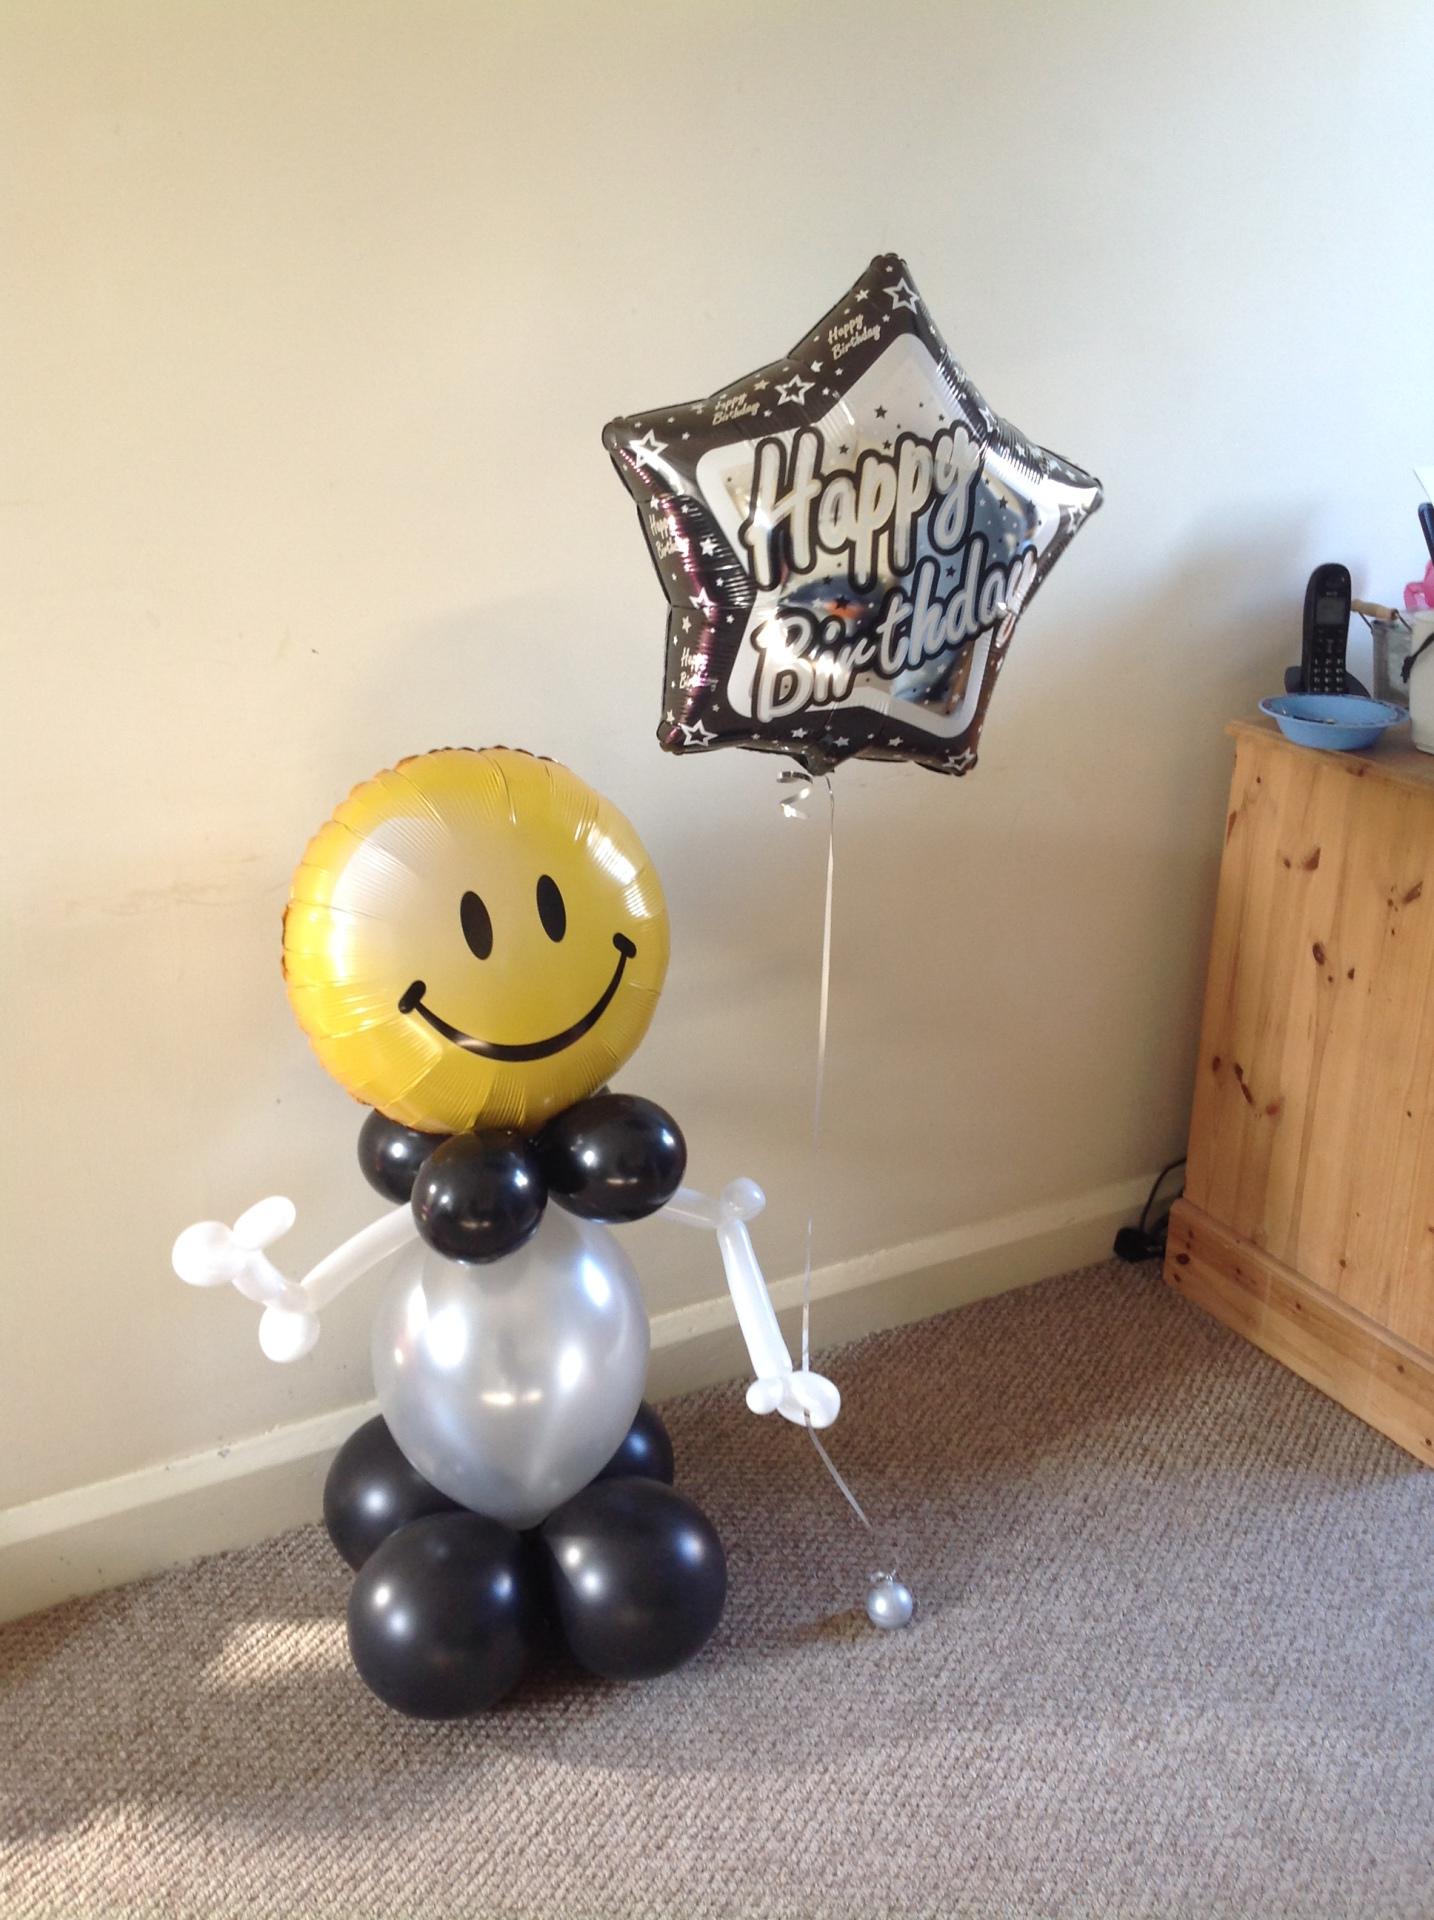 Balloon man holding a birthday balloon